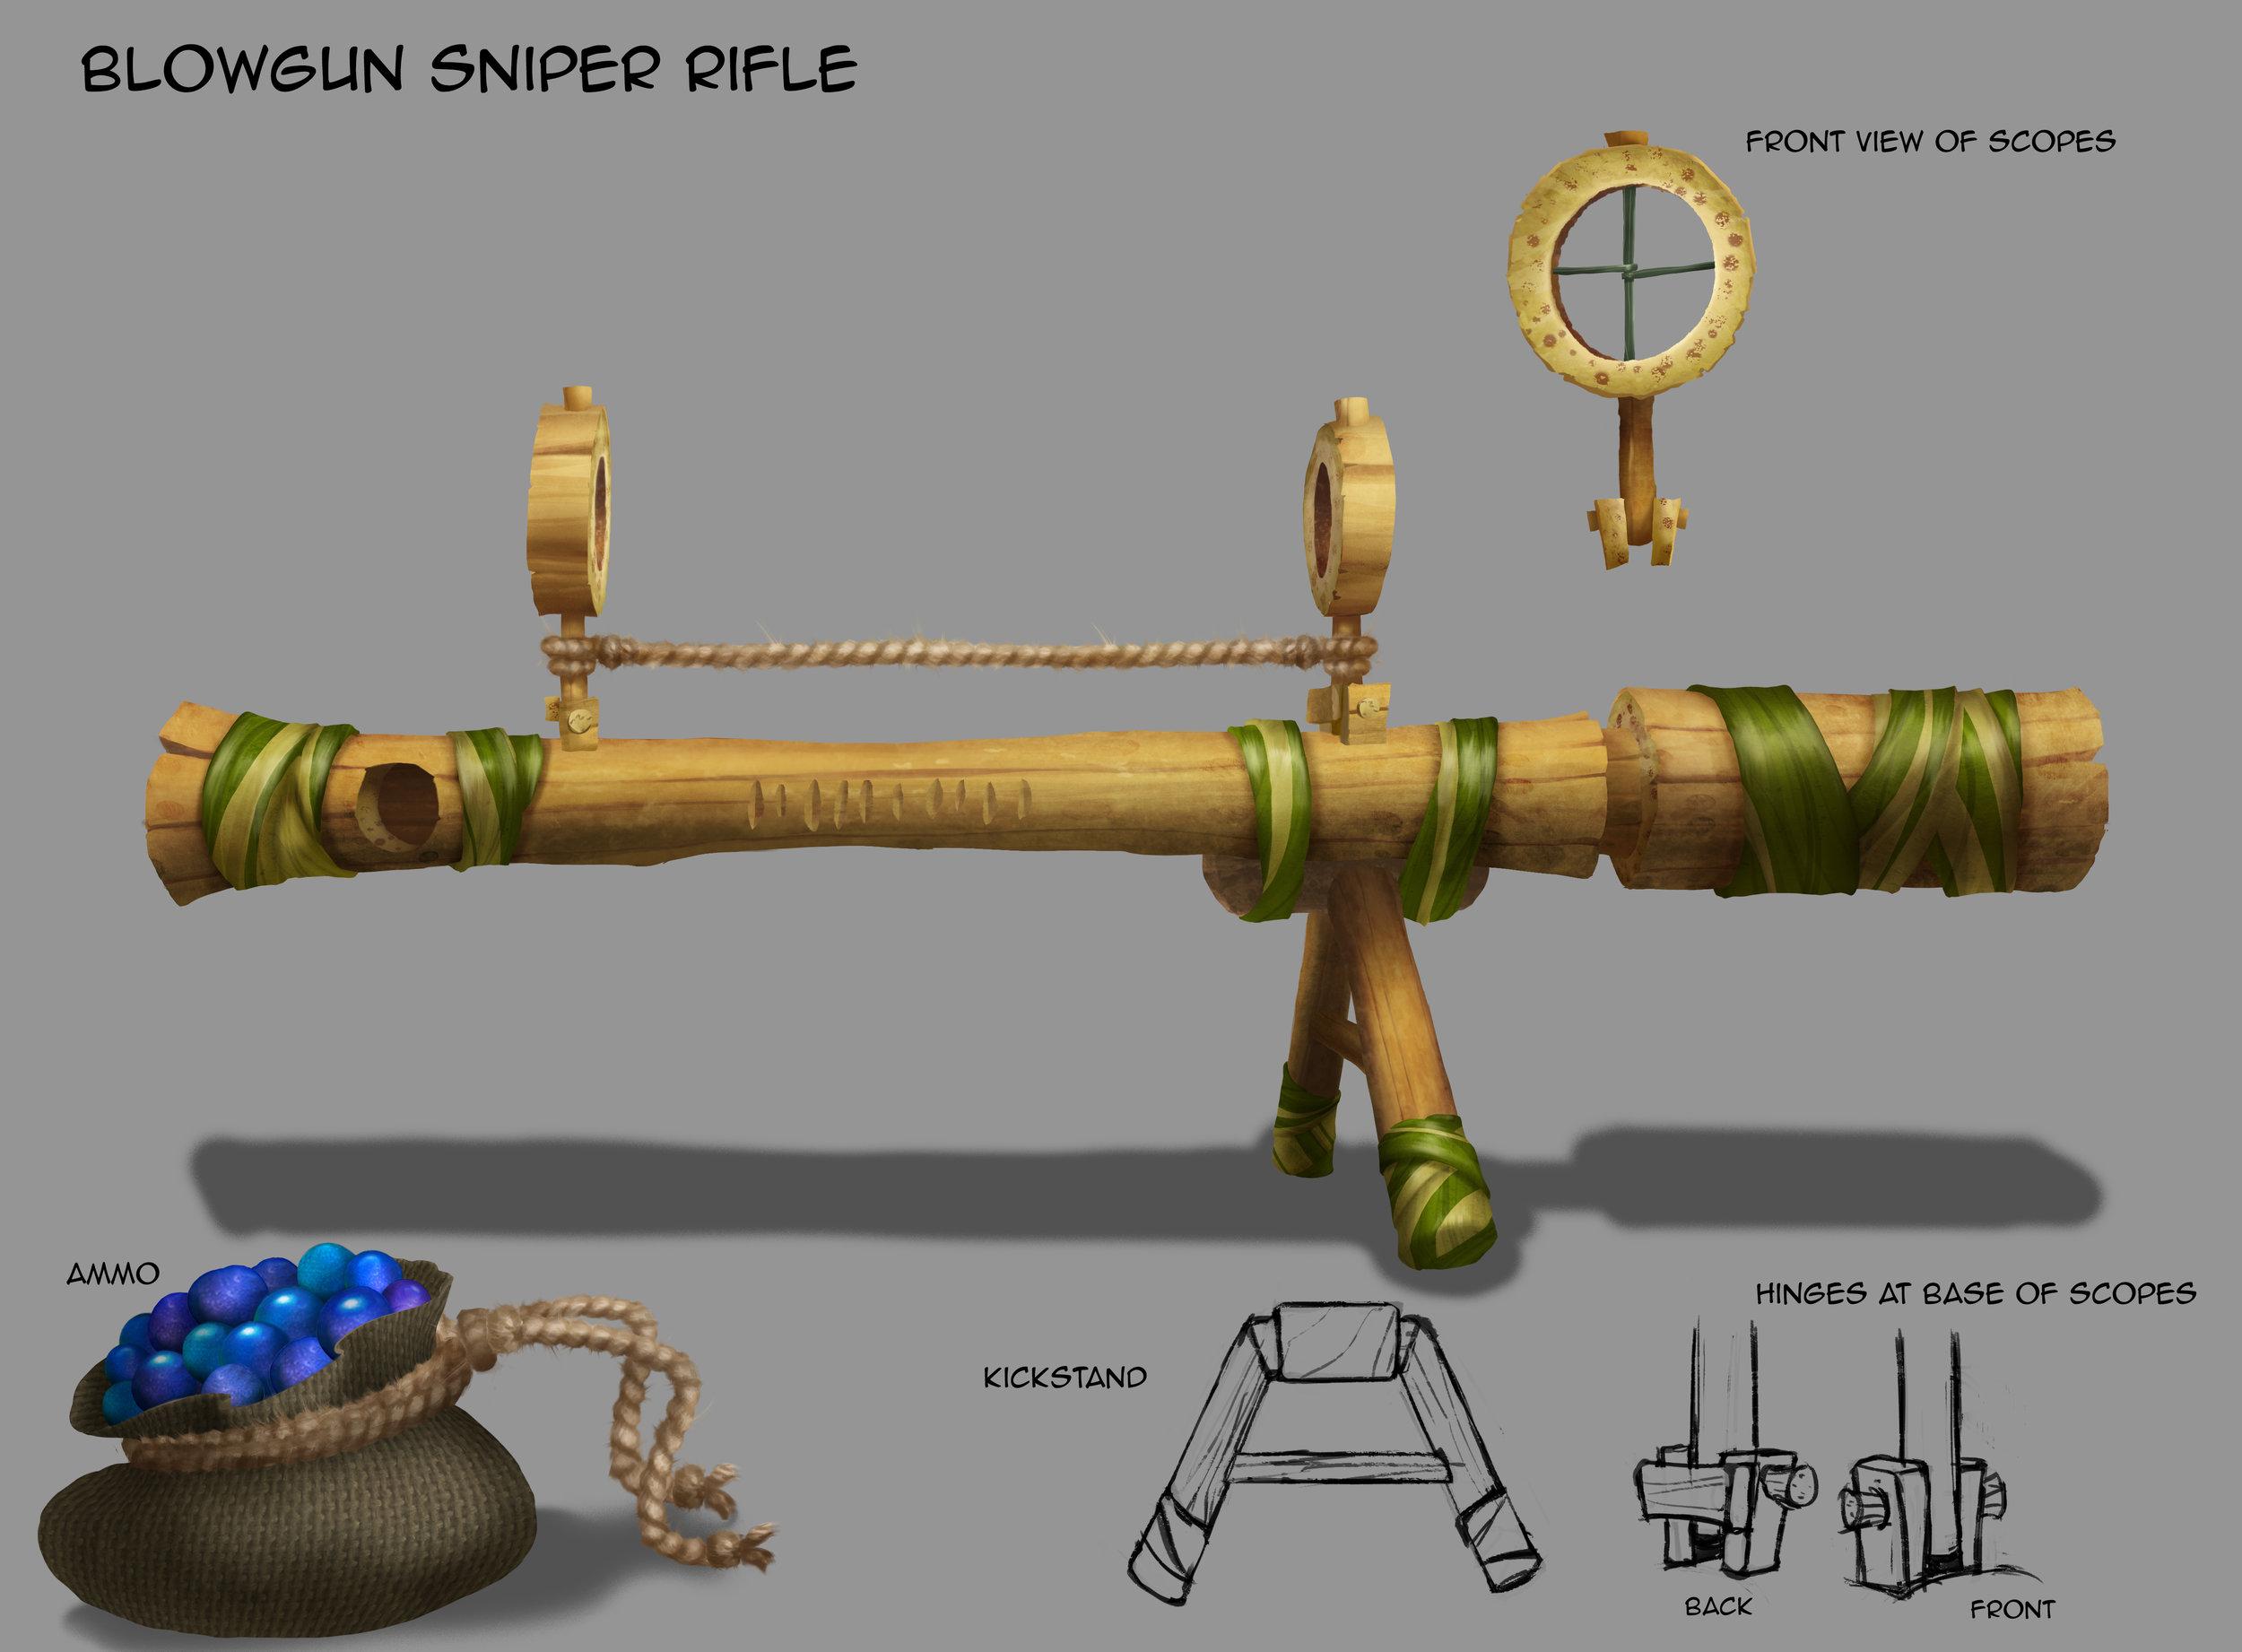 blowgun_sniper_rifle_texture_paint.jpg